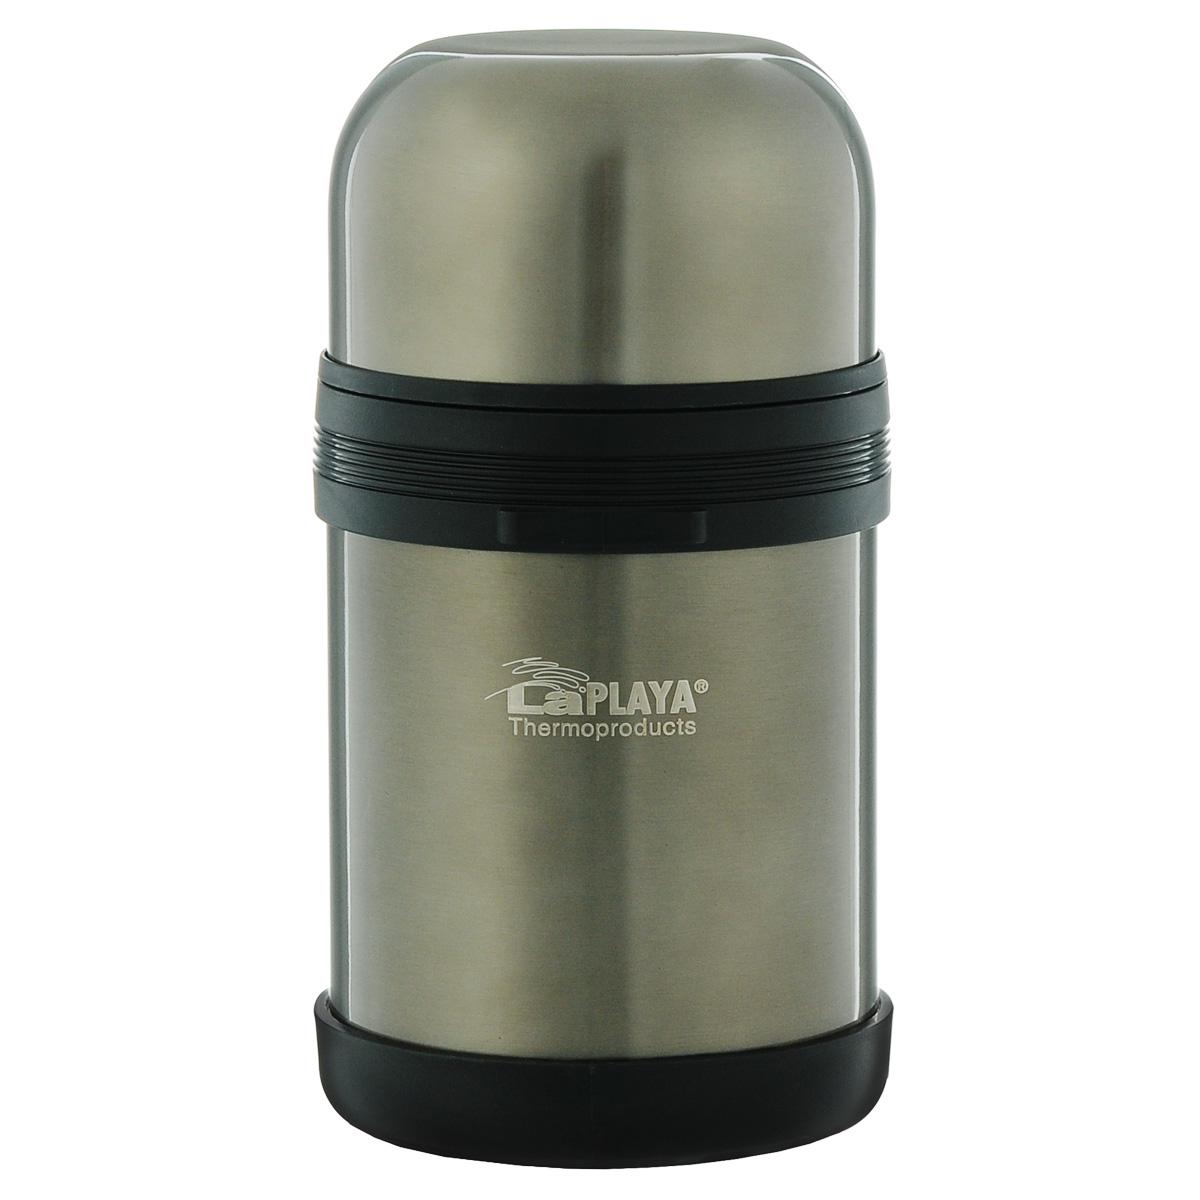 """Термос LaPlaya """"Traditional"""" оснащен двойными стенками с вакуумной изоляцией, которая позволяет сохранять напитки горячими и холодными длительное время. Легкий небьющийся корпус изготовлен из высококачественной нержавеющей стали. Широкая герметичная комбинированная пробка позволяет использовать термос для первых и вторых блюд при полном открывании и для напитков - при вывинчивании внутренней части. Изделие оснащено дополнительной пластиковой чашкой. Откидная ручка и съемный ремень позволяют удобно переносить термос.Термос LaPlaya """"Traditional"""" идеален для вторых блюд, супов и напитков.Диаметр горлышка: 7,5 см.Высота термоса: 20 см."""